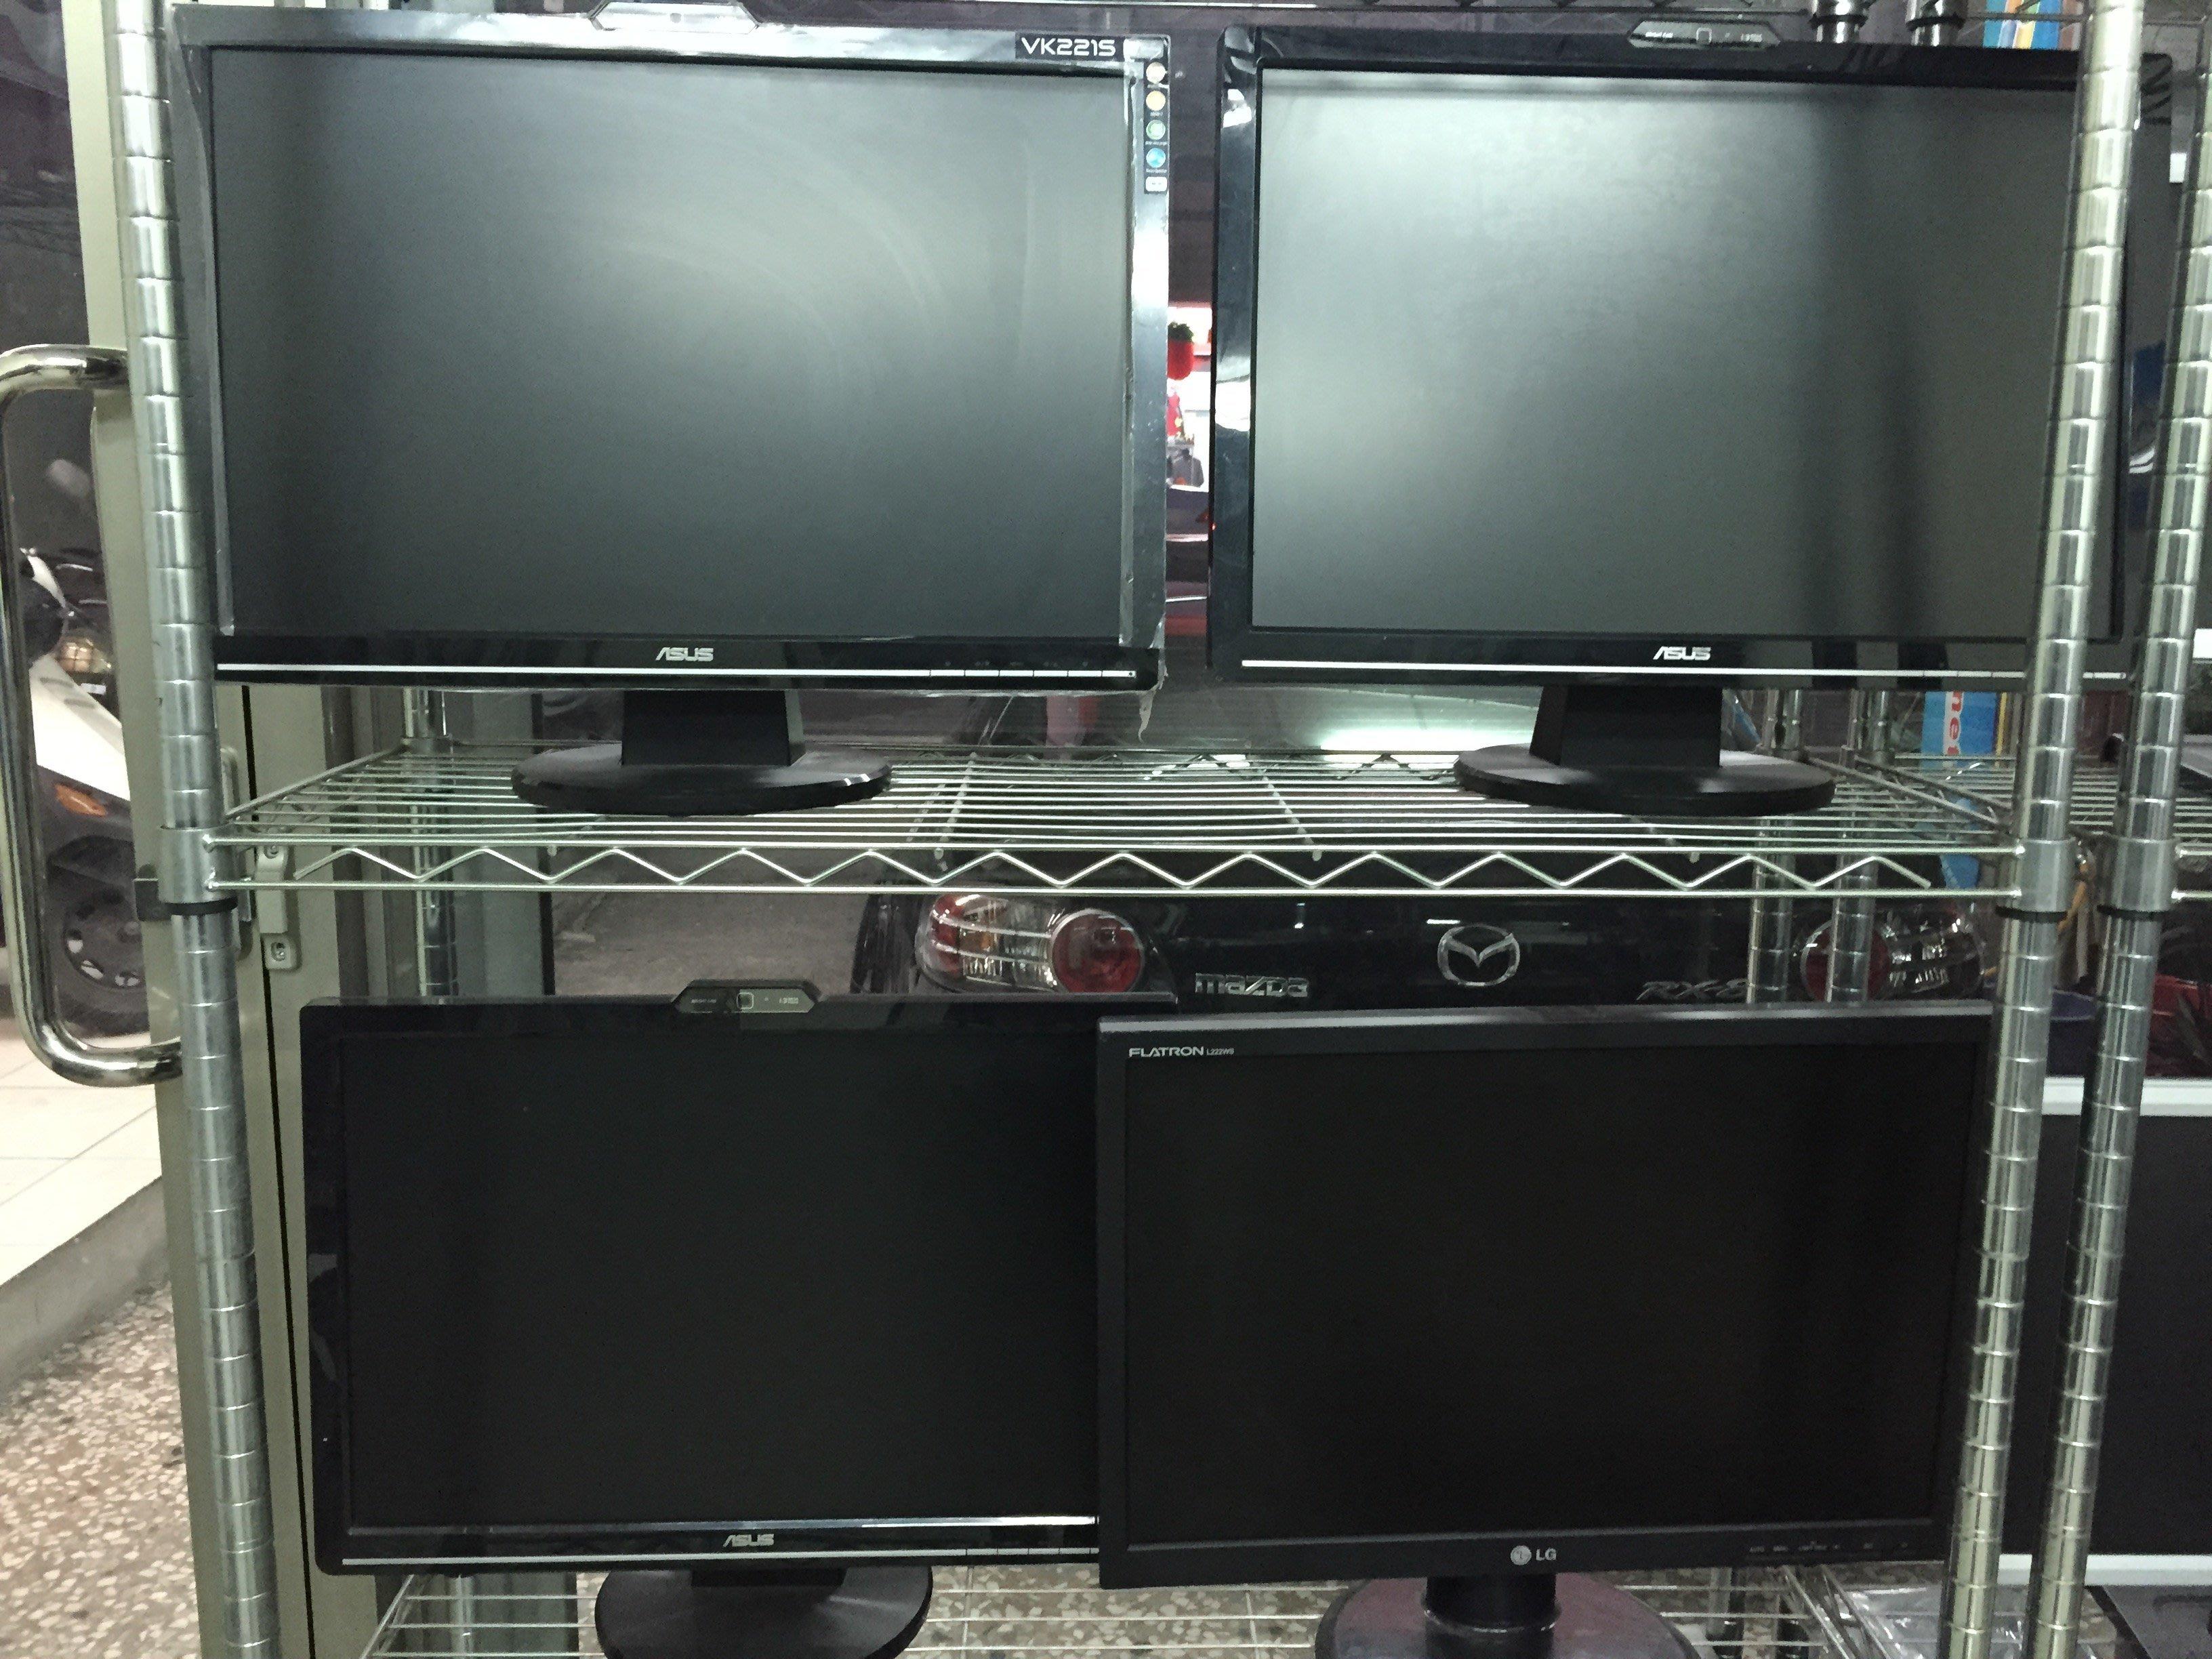 ☀瀚宇科技☀優派/奇美/LG/華碩/22吋LCD液晶螢幕♠中古電腦♠中古液晶螢幕